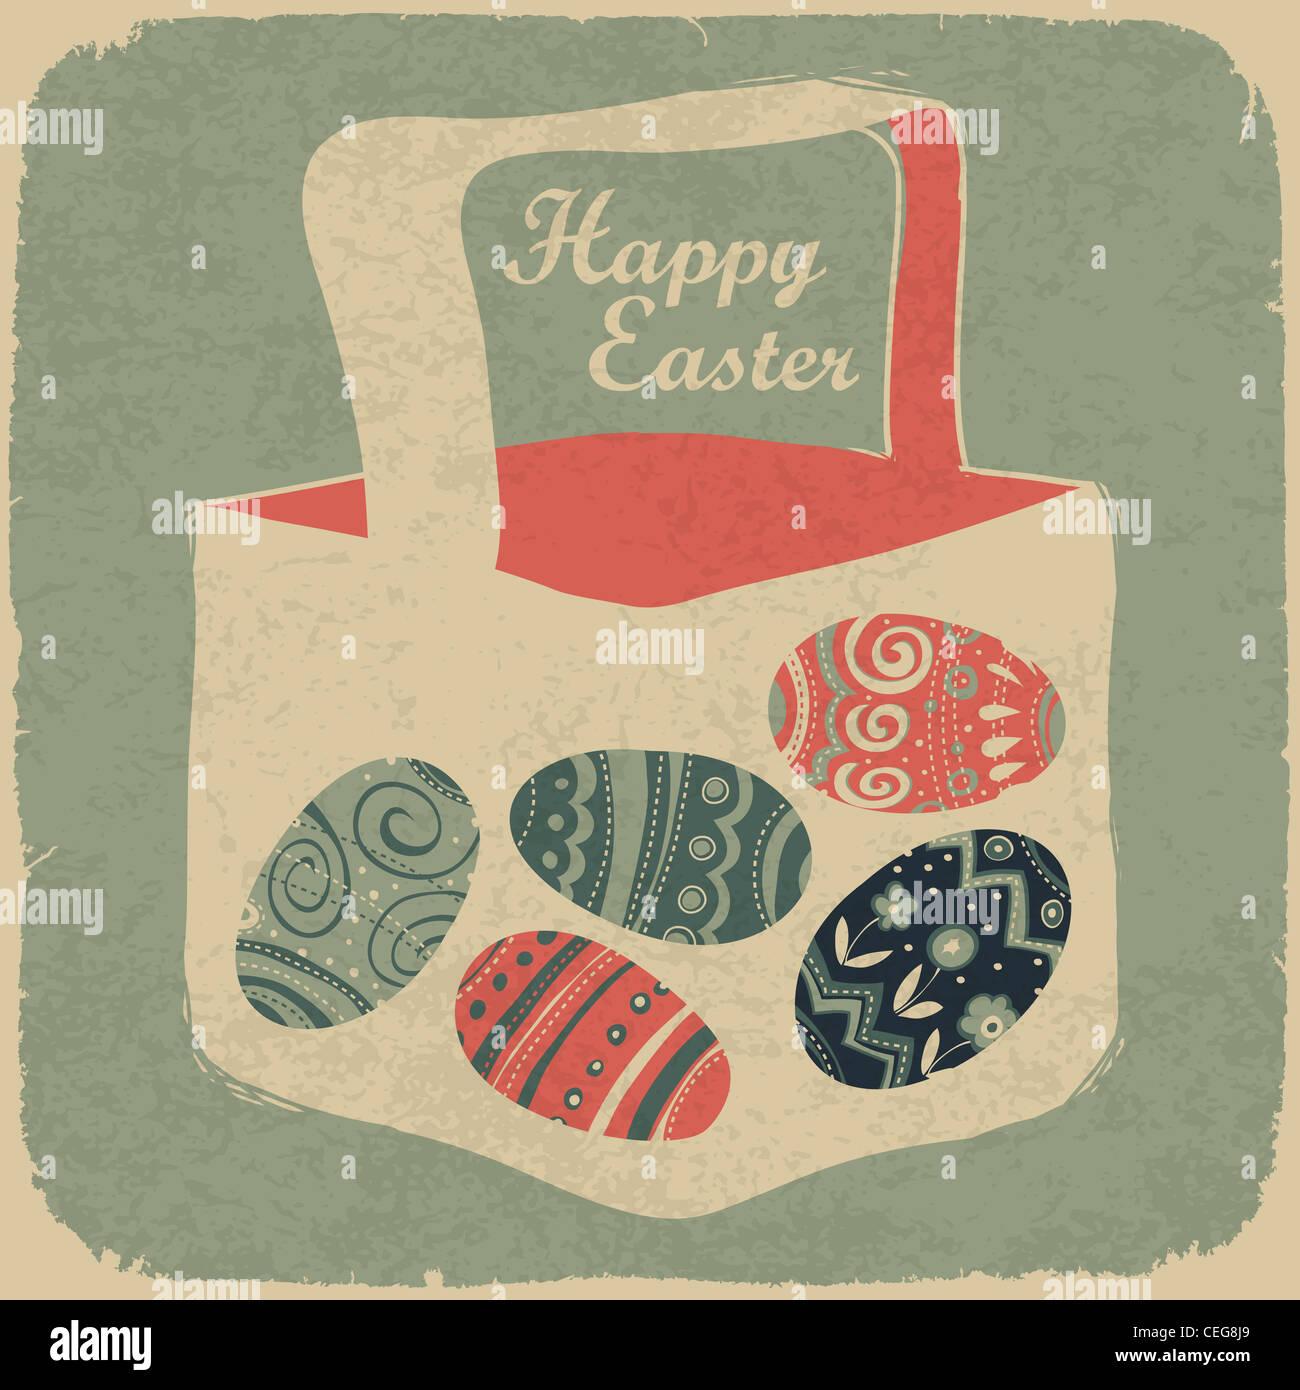 Canasta con huevos de Pascua. Estilo retro de fondo de pascua. Imagen De Stock